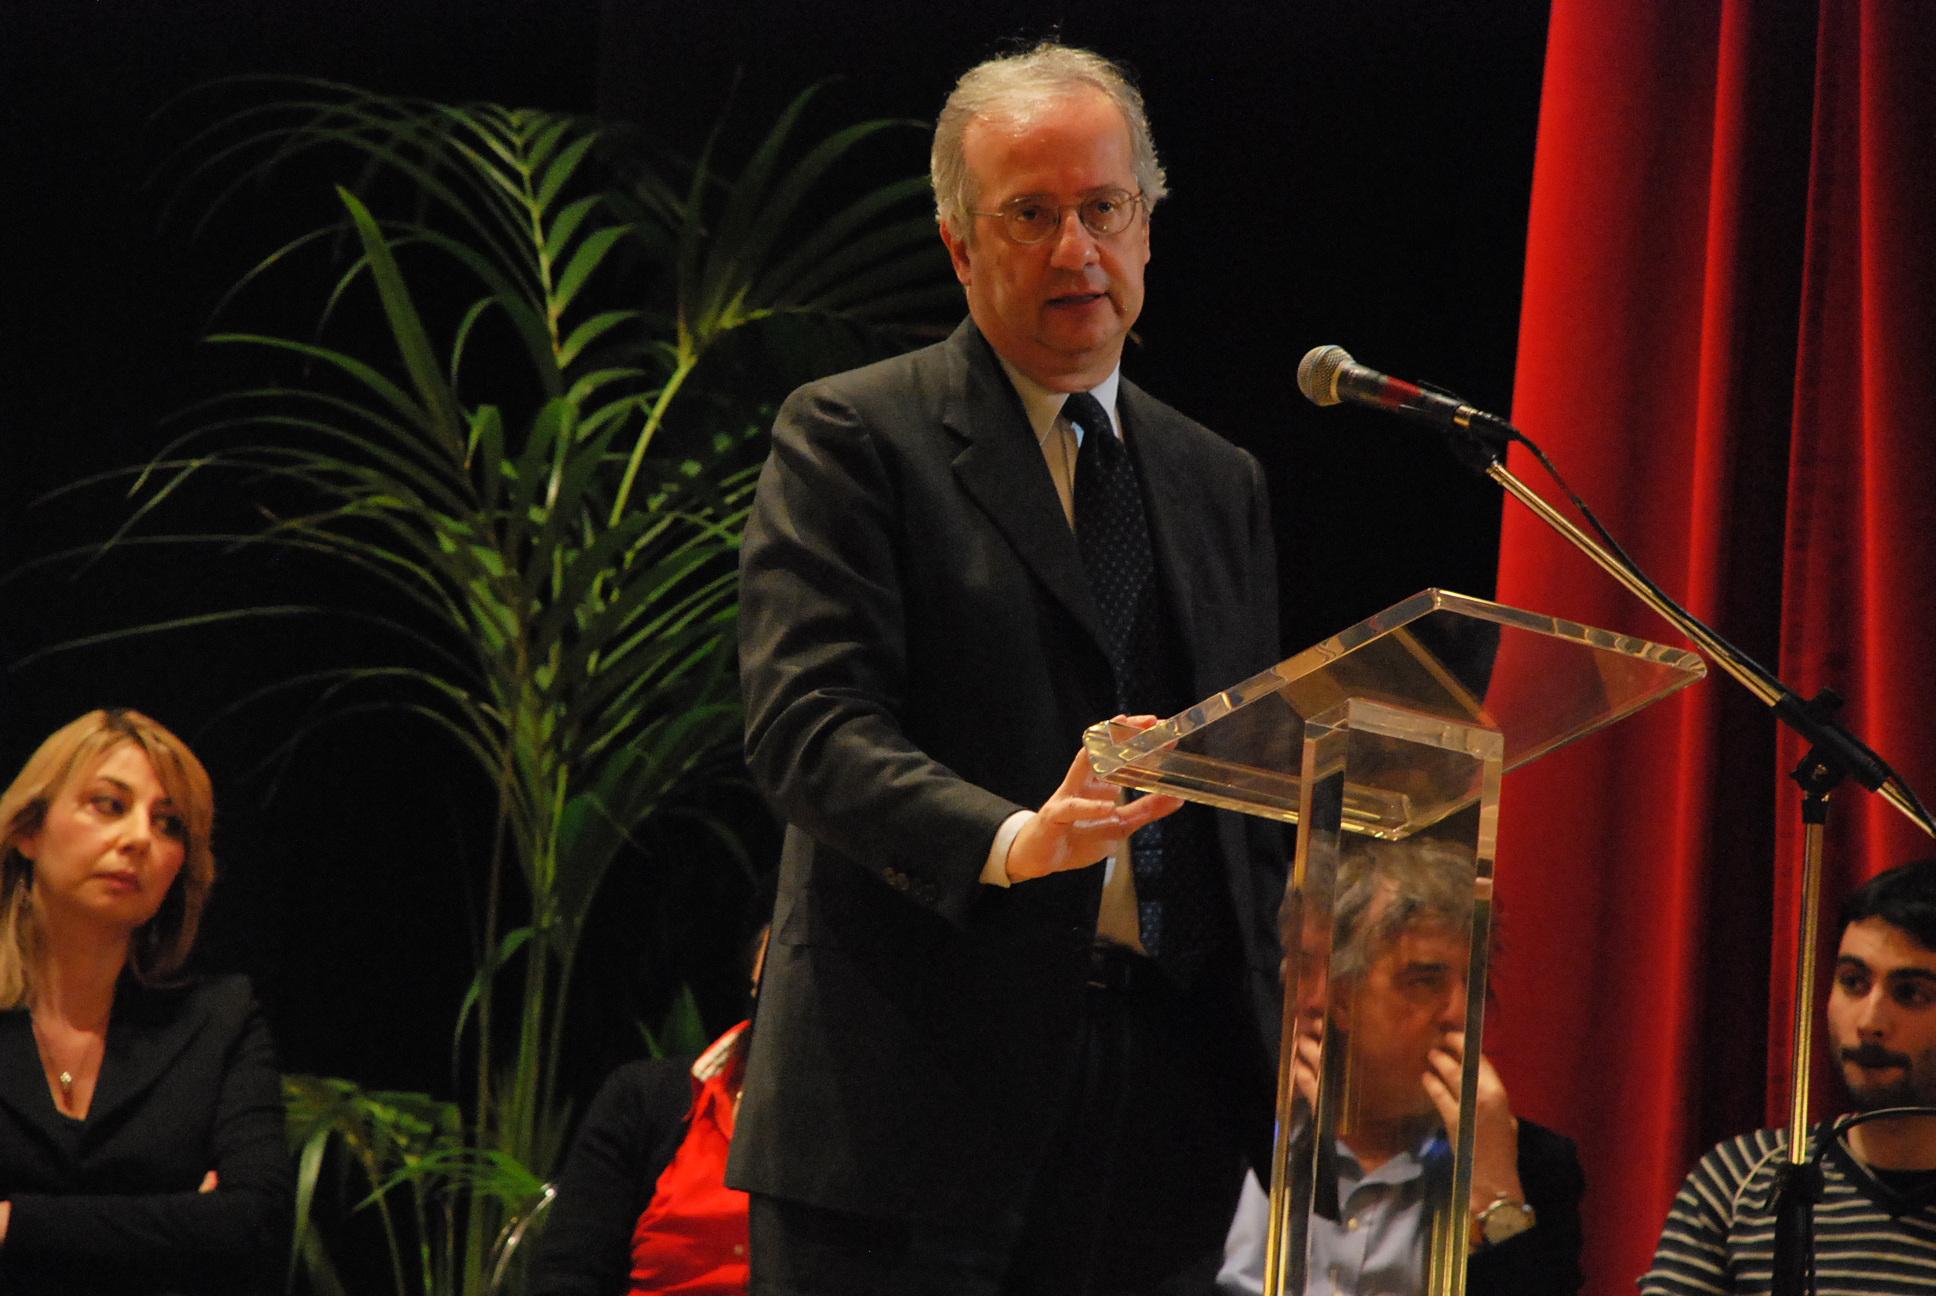 Walter Veltroni al Teatro Concordia nel febbraio 2011